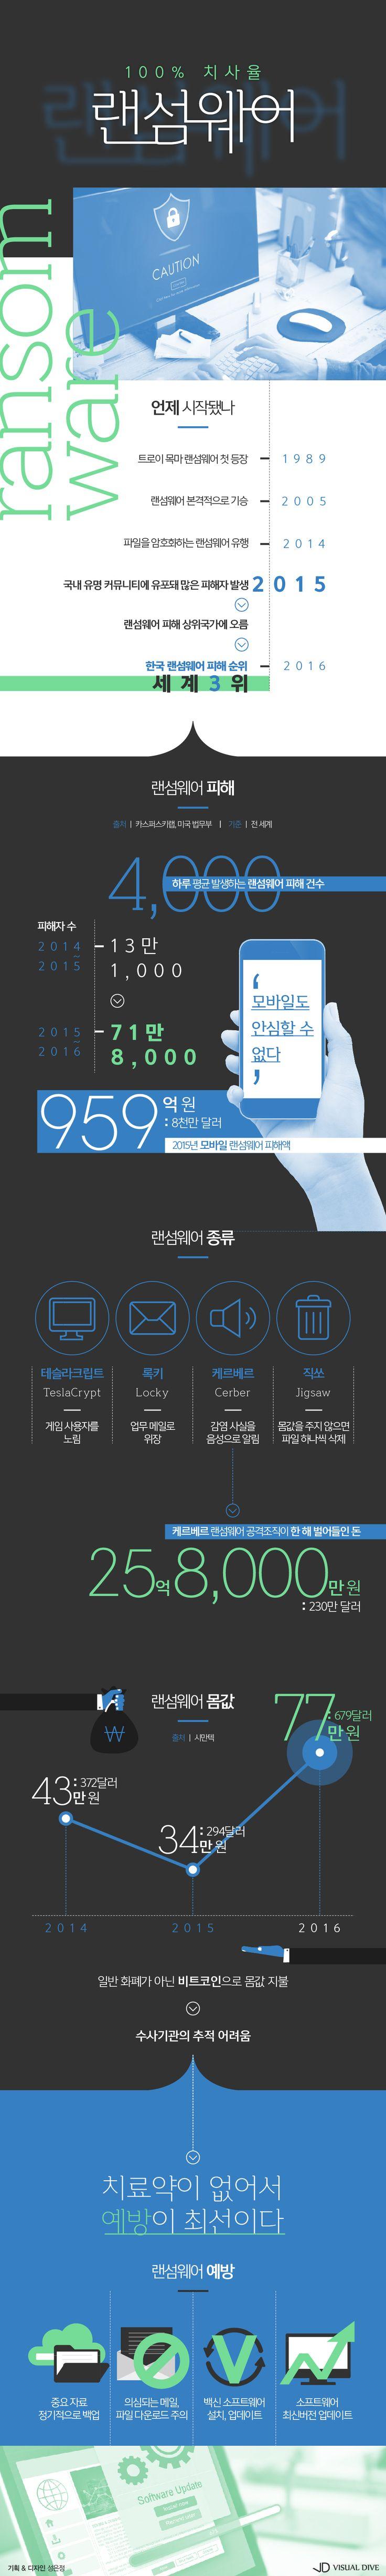 공포의 랜섬웨어, 내 컴퓨터가 위험하다! [인포그래픽] #ransomware /  #Infographic ⓒ 비주얼다이브 무단 복사·전재·재배포 금지